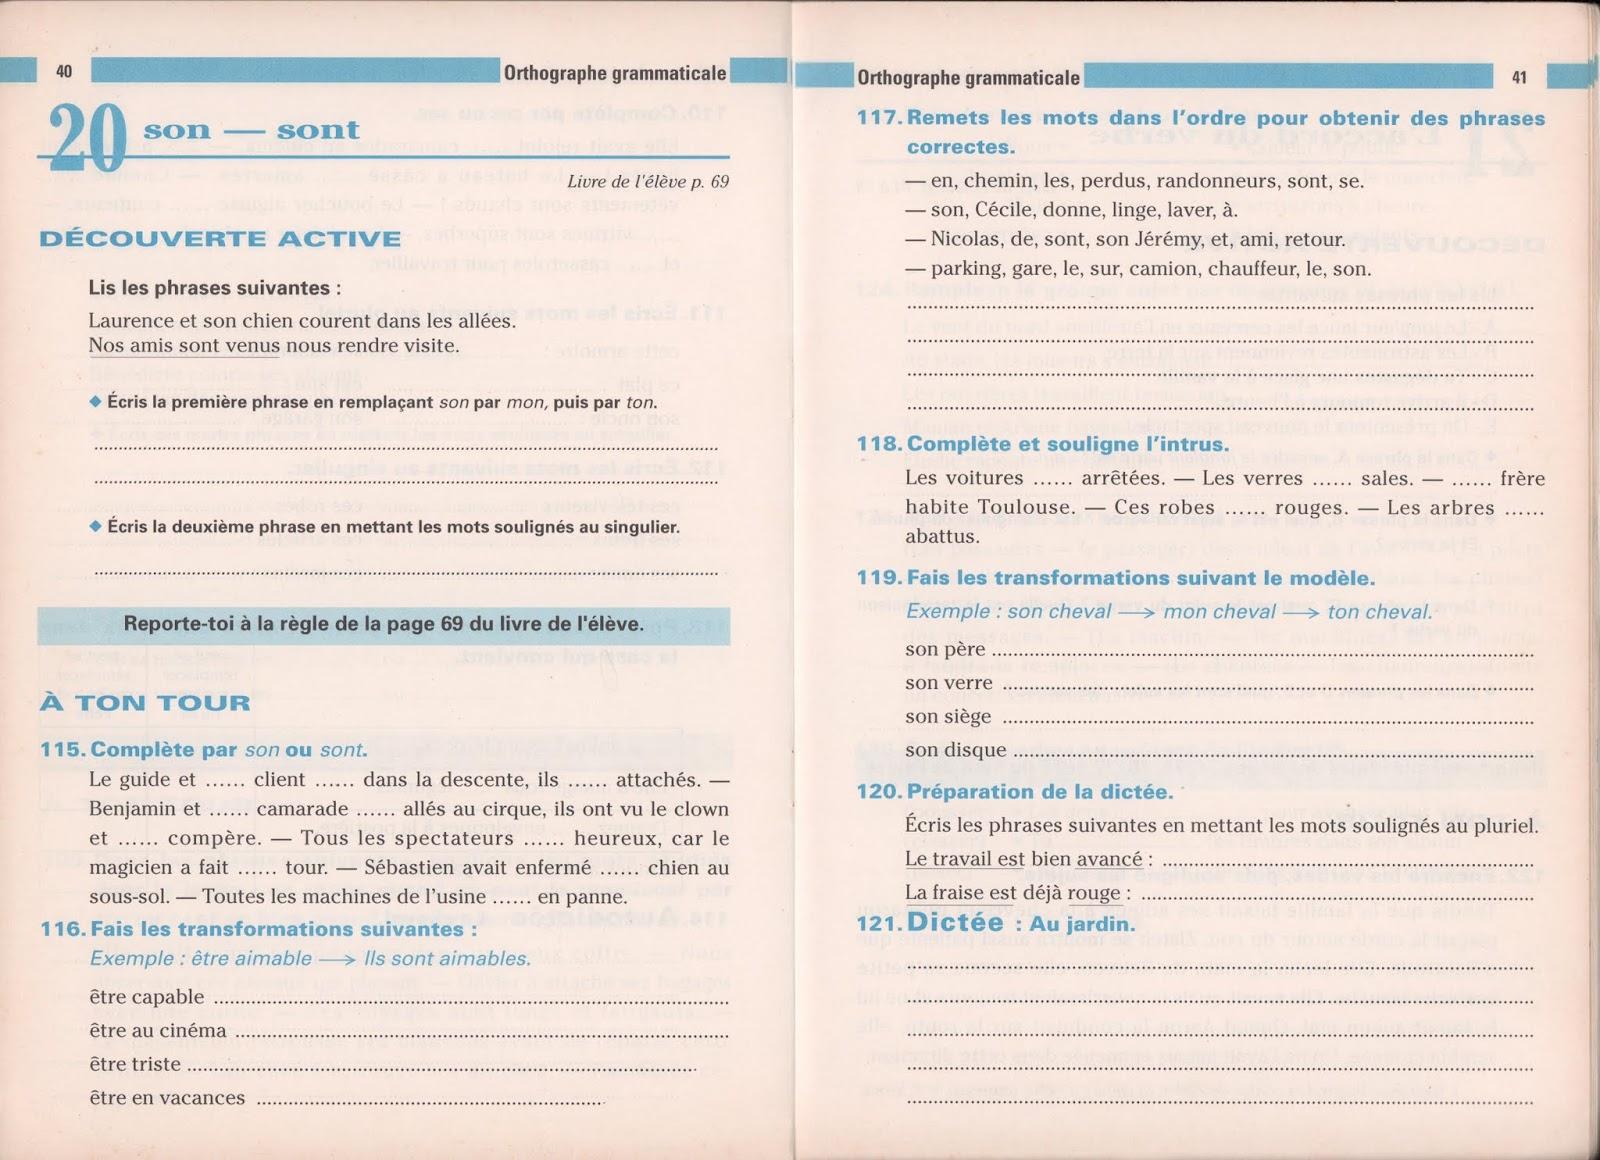 école : références: Bled, Premières leçons d'orthographe CE1